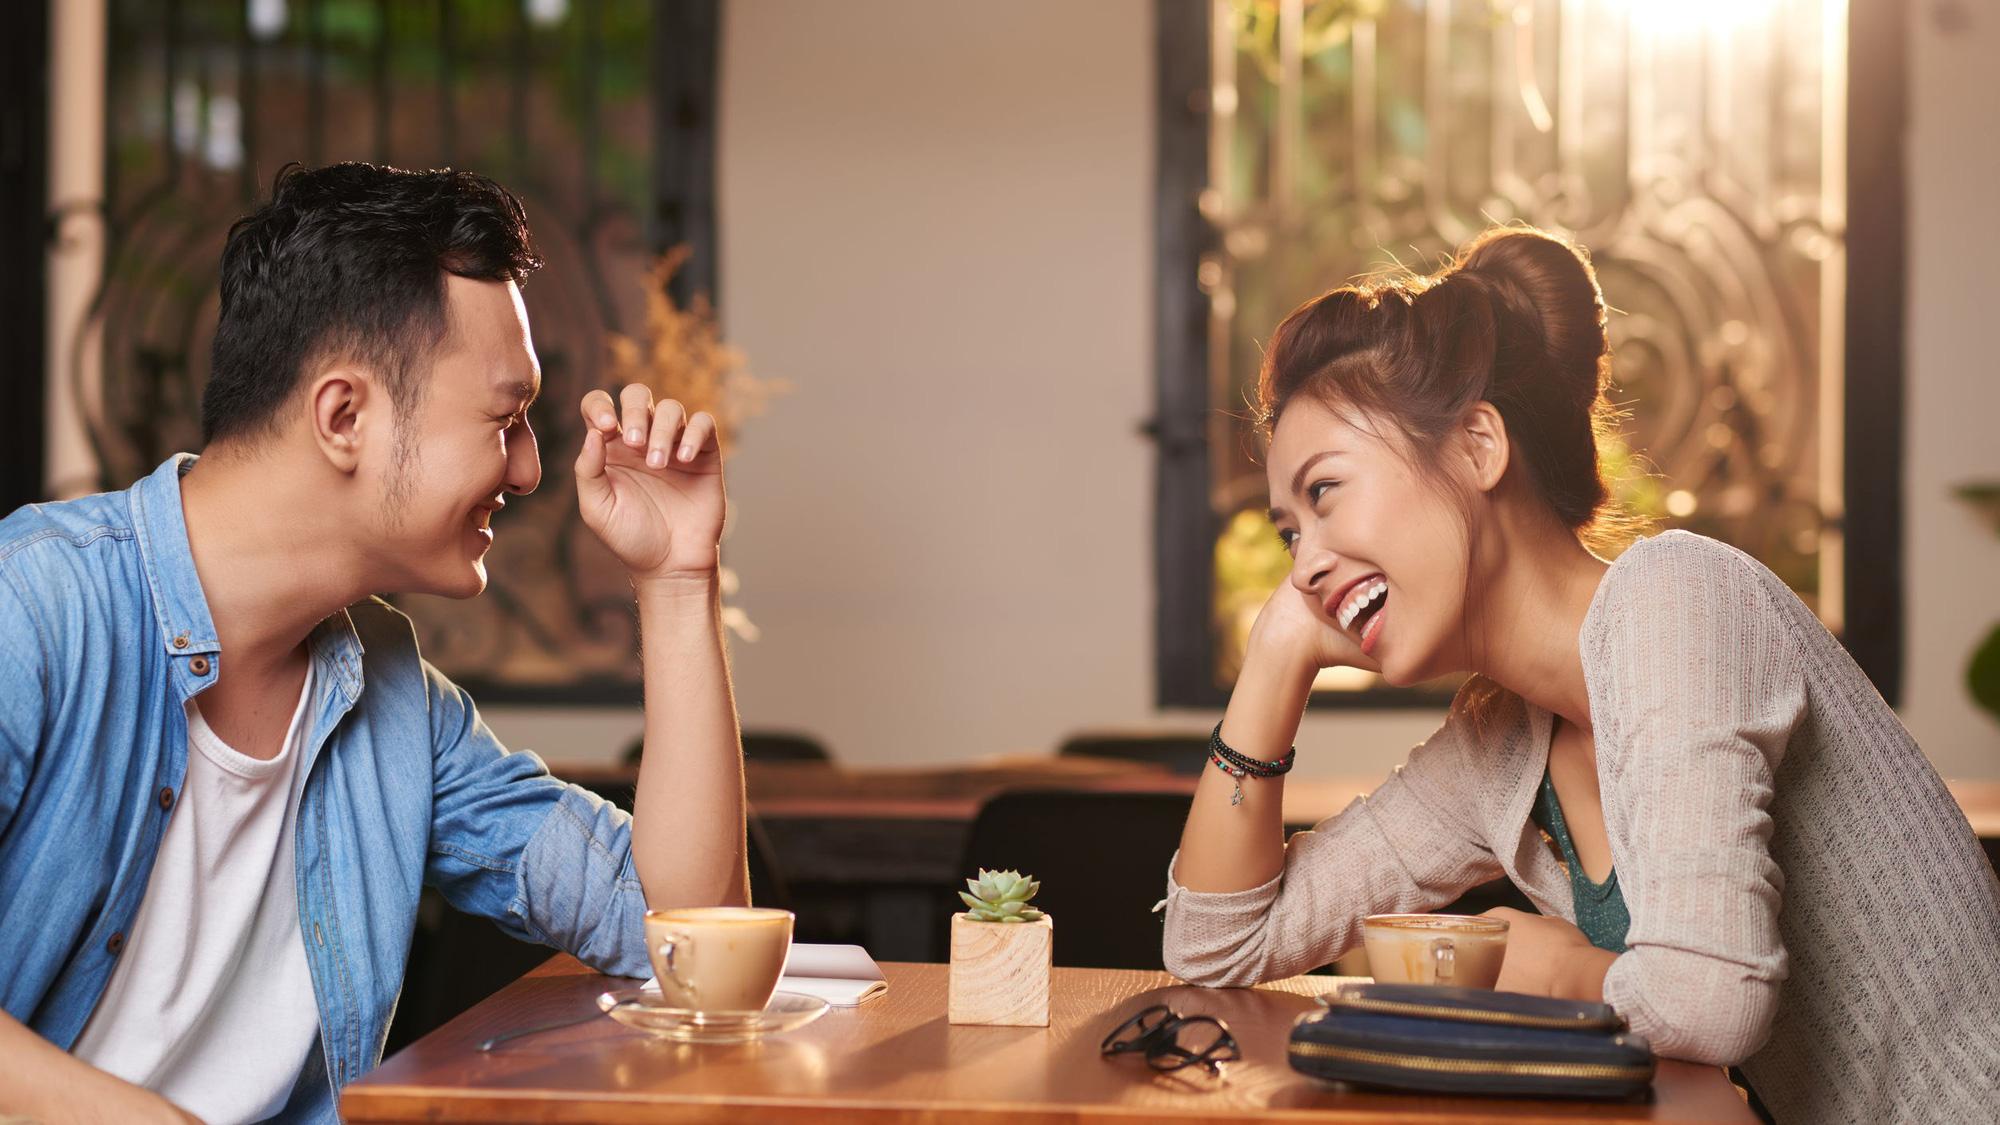 Gợi ý những cách gây bất ngờ cho người thương trong mùa Valentine  - Ảnh 5.